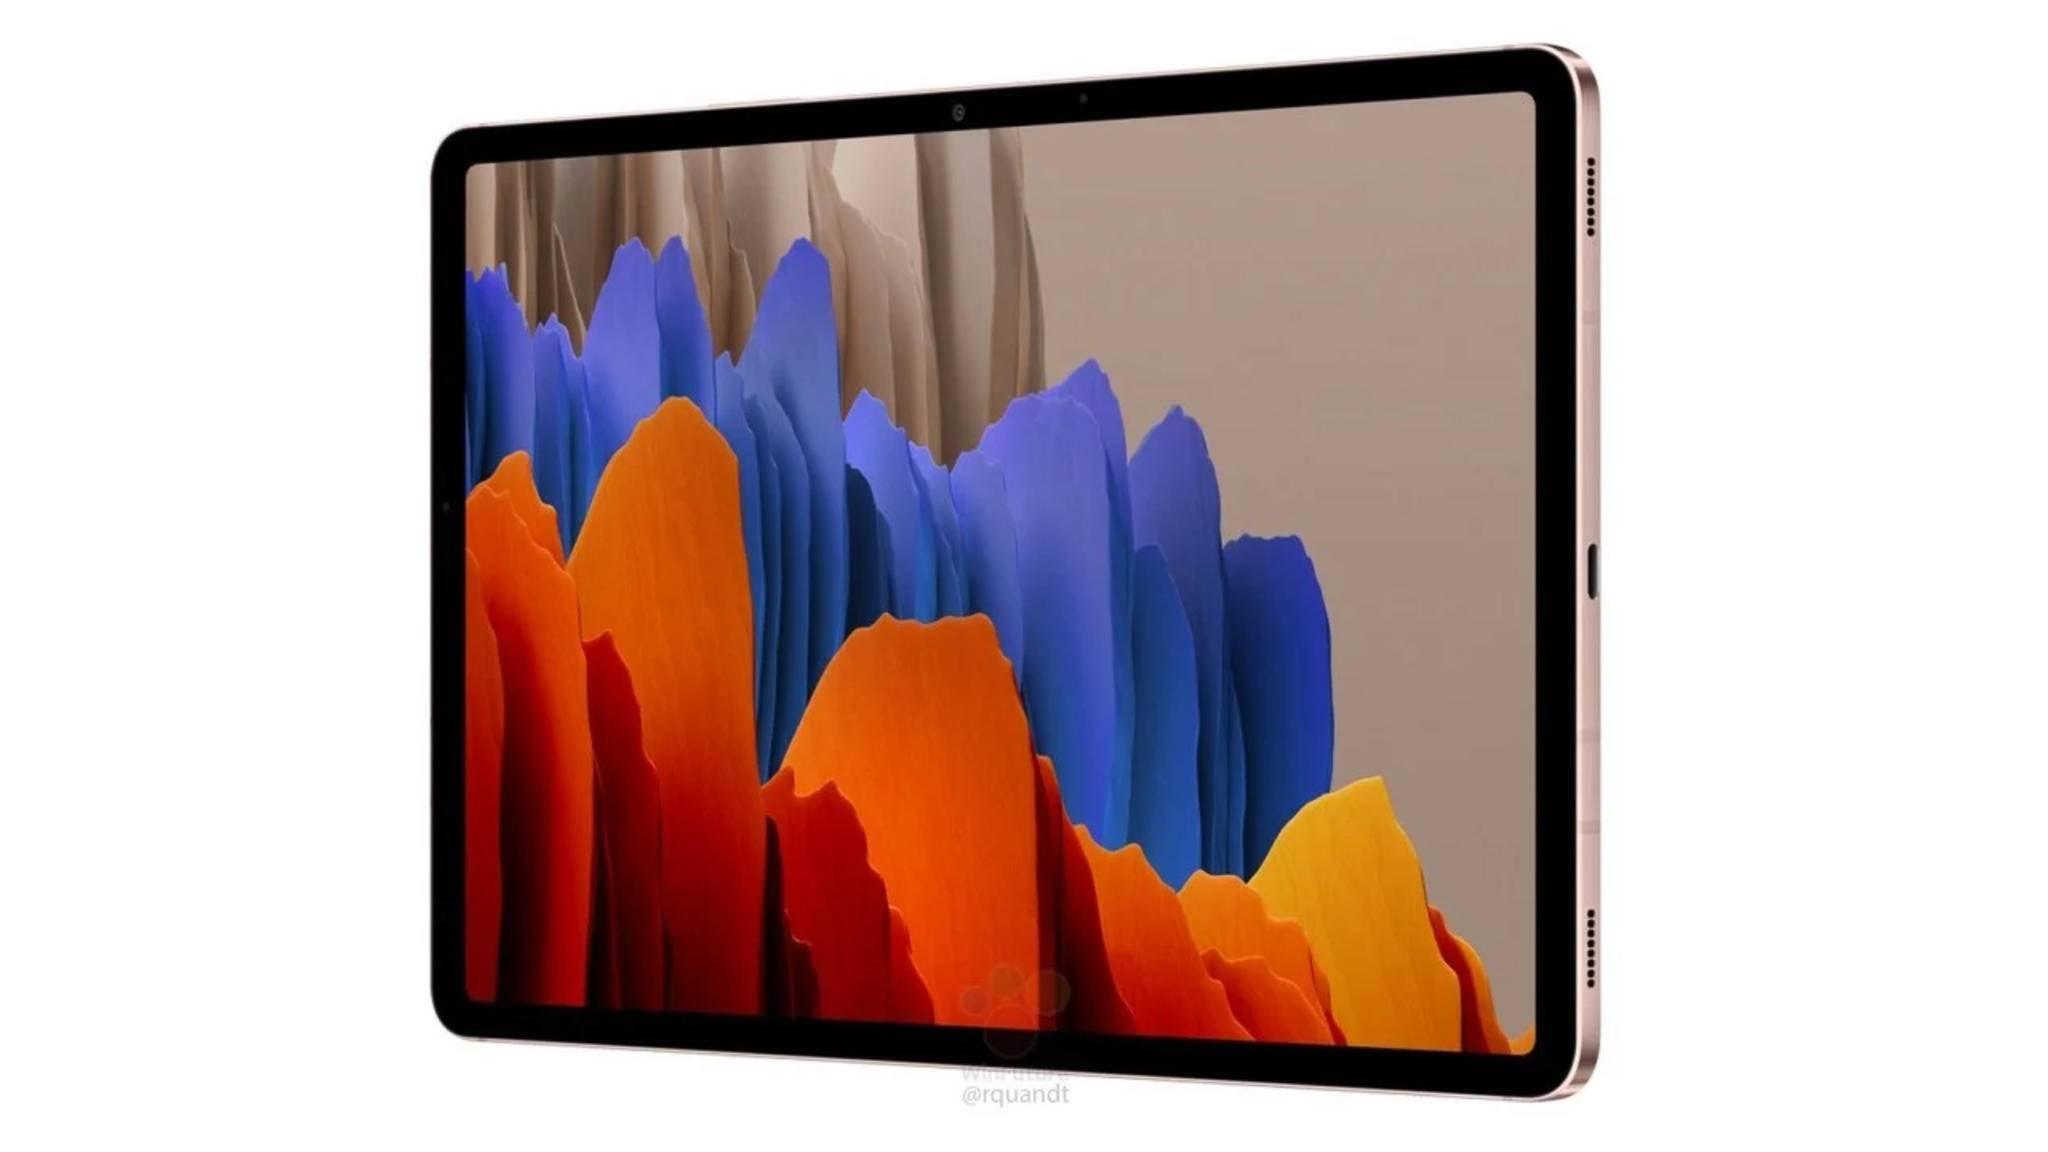 Das Galaxy Tab S7 soll erstmals in zwei Displaygrößen erhältlich sein: 11 und 12,4 Zoll.